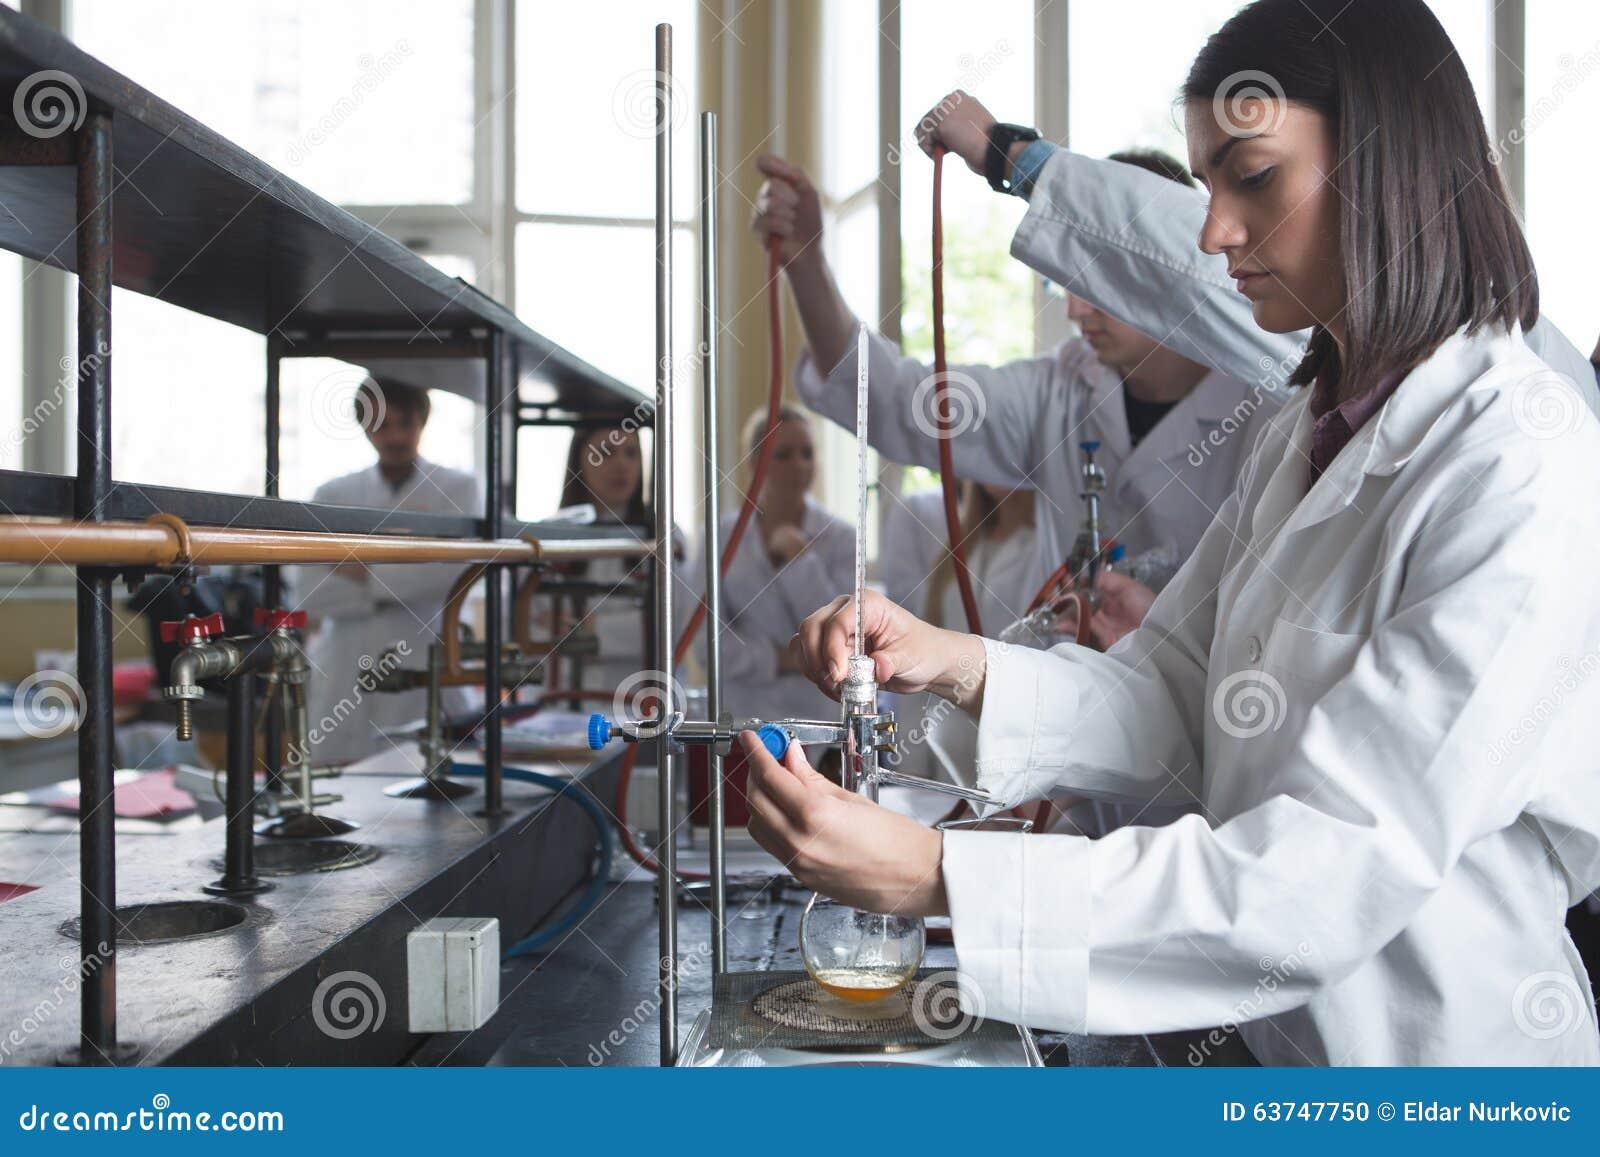 Εργαστηριακός εξοπλισμός για την απόσταξη Χέρια σπουδαστών/οικότροφων/του τεχνικού που παρουσιάζουν πείραμα Εργασία στις ομάδες γ